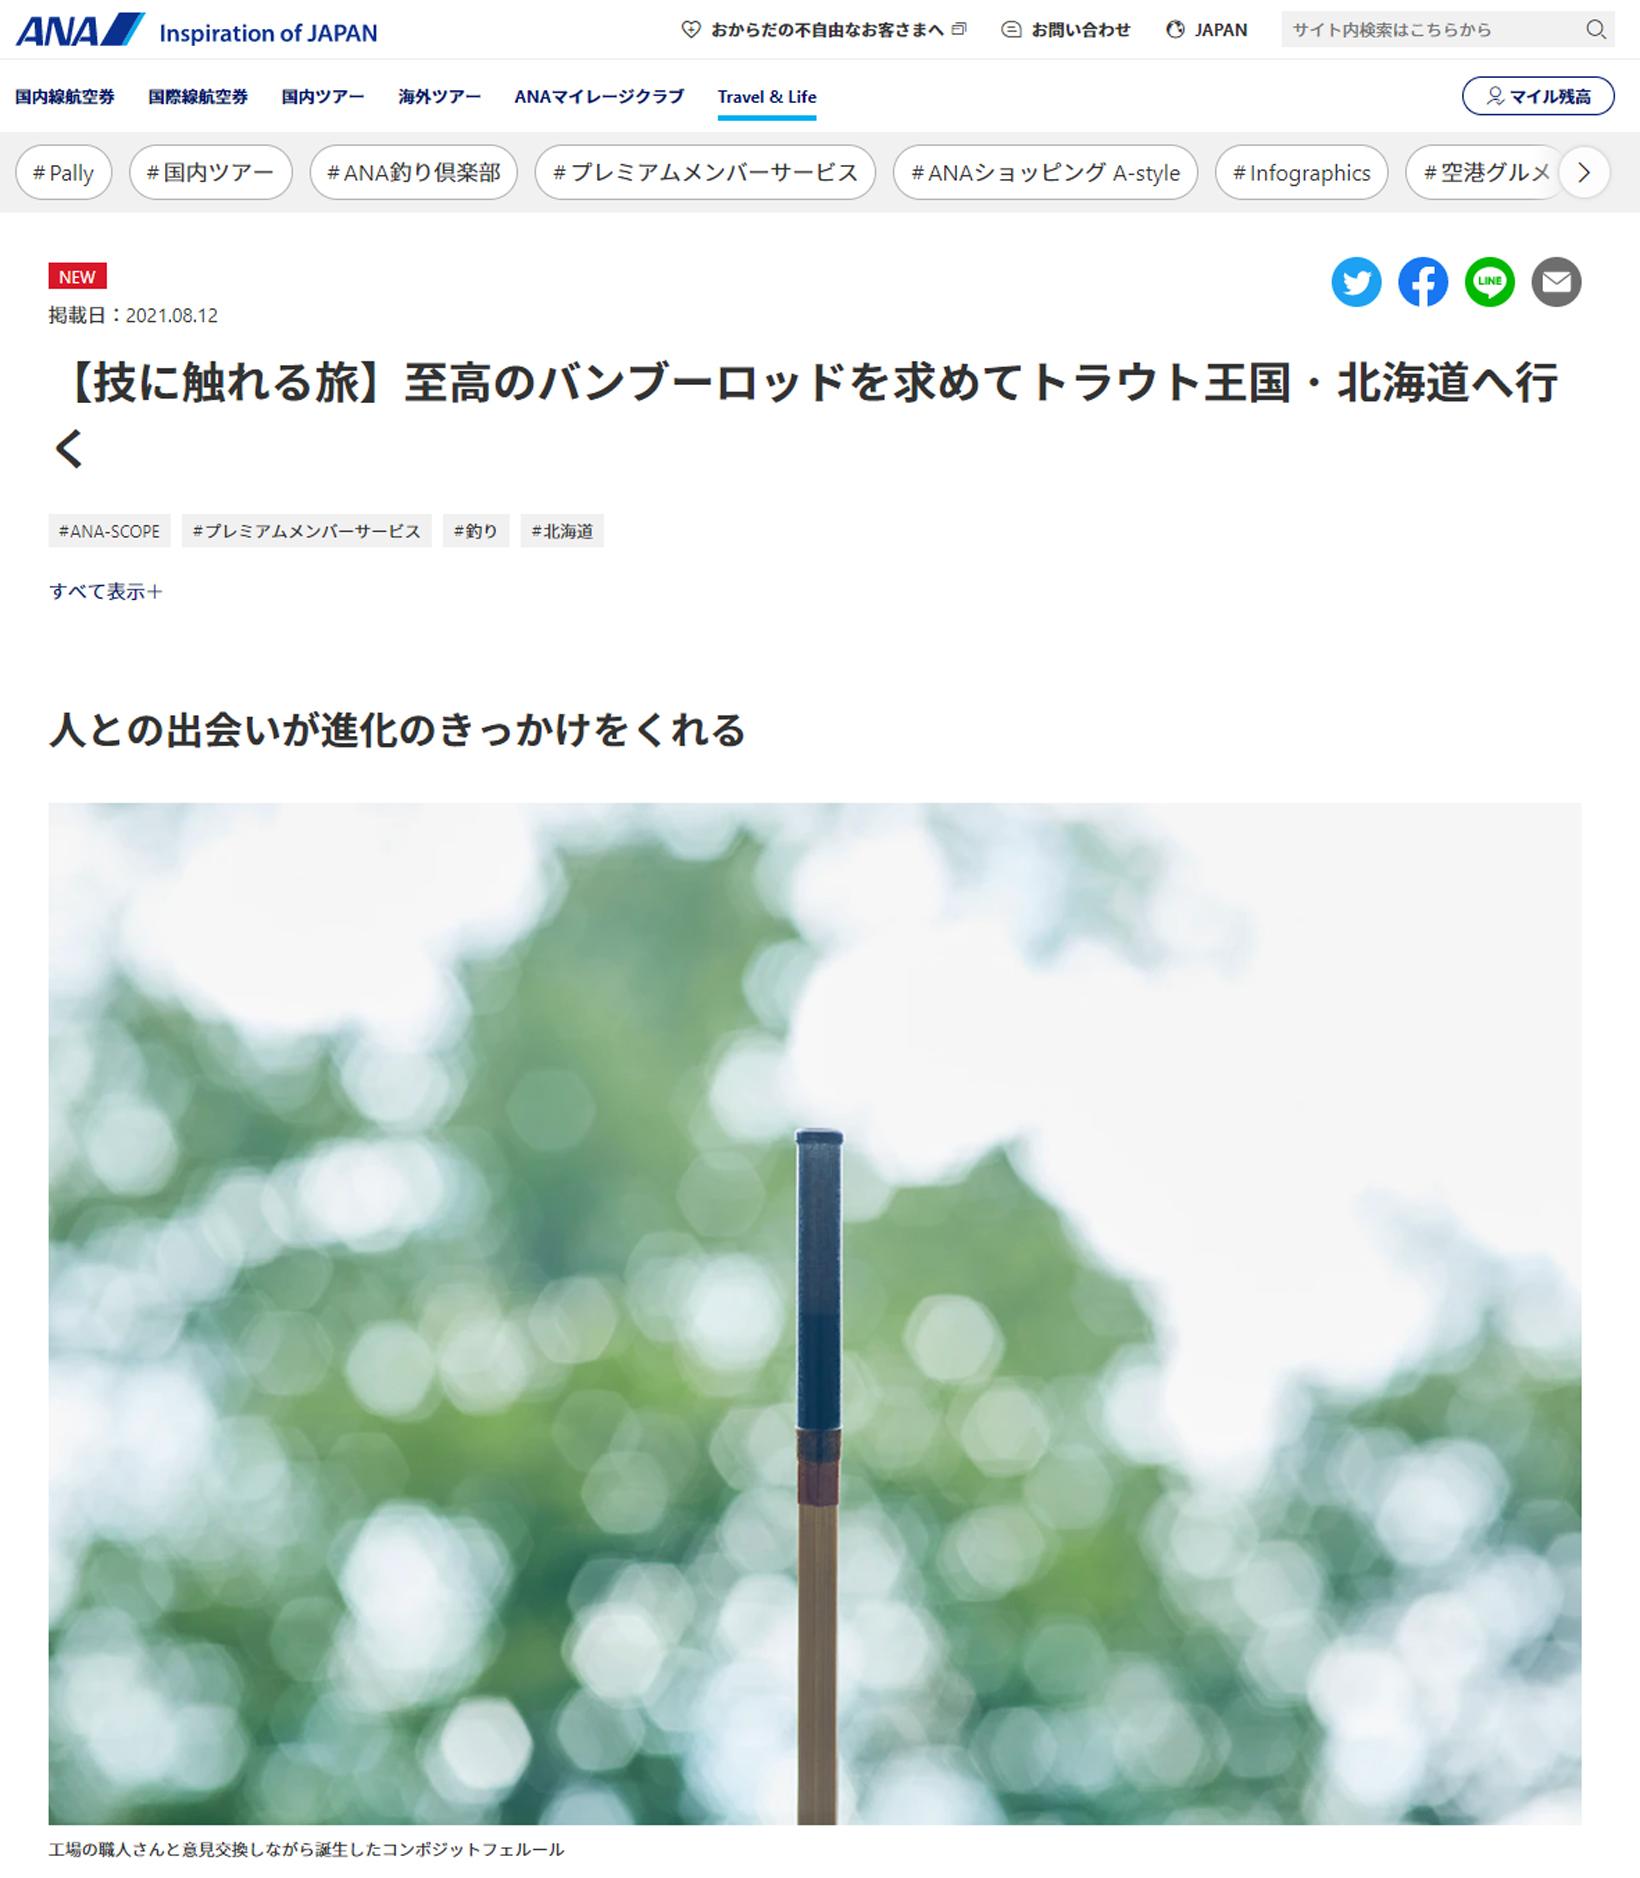 【技に触れる旅】至高のバンブーロッドを求めてトラウト王国・北海道へ行く25